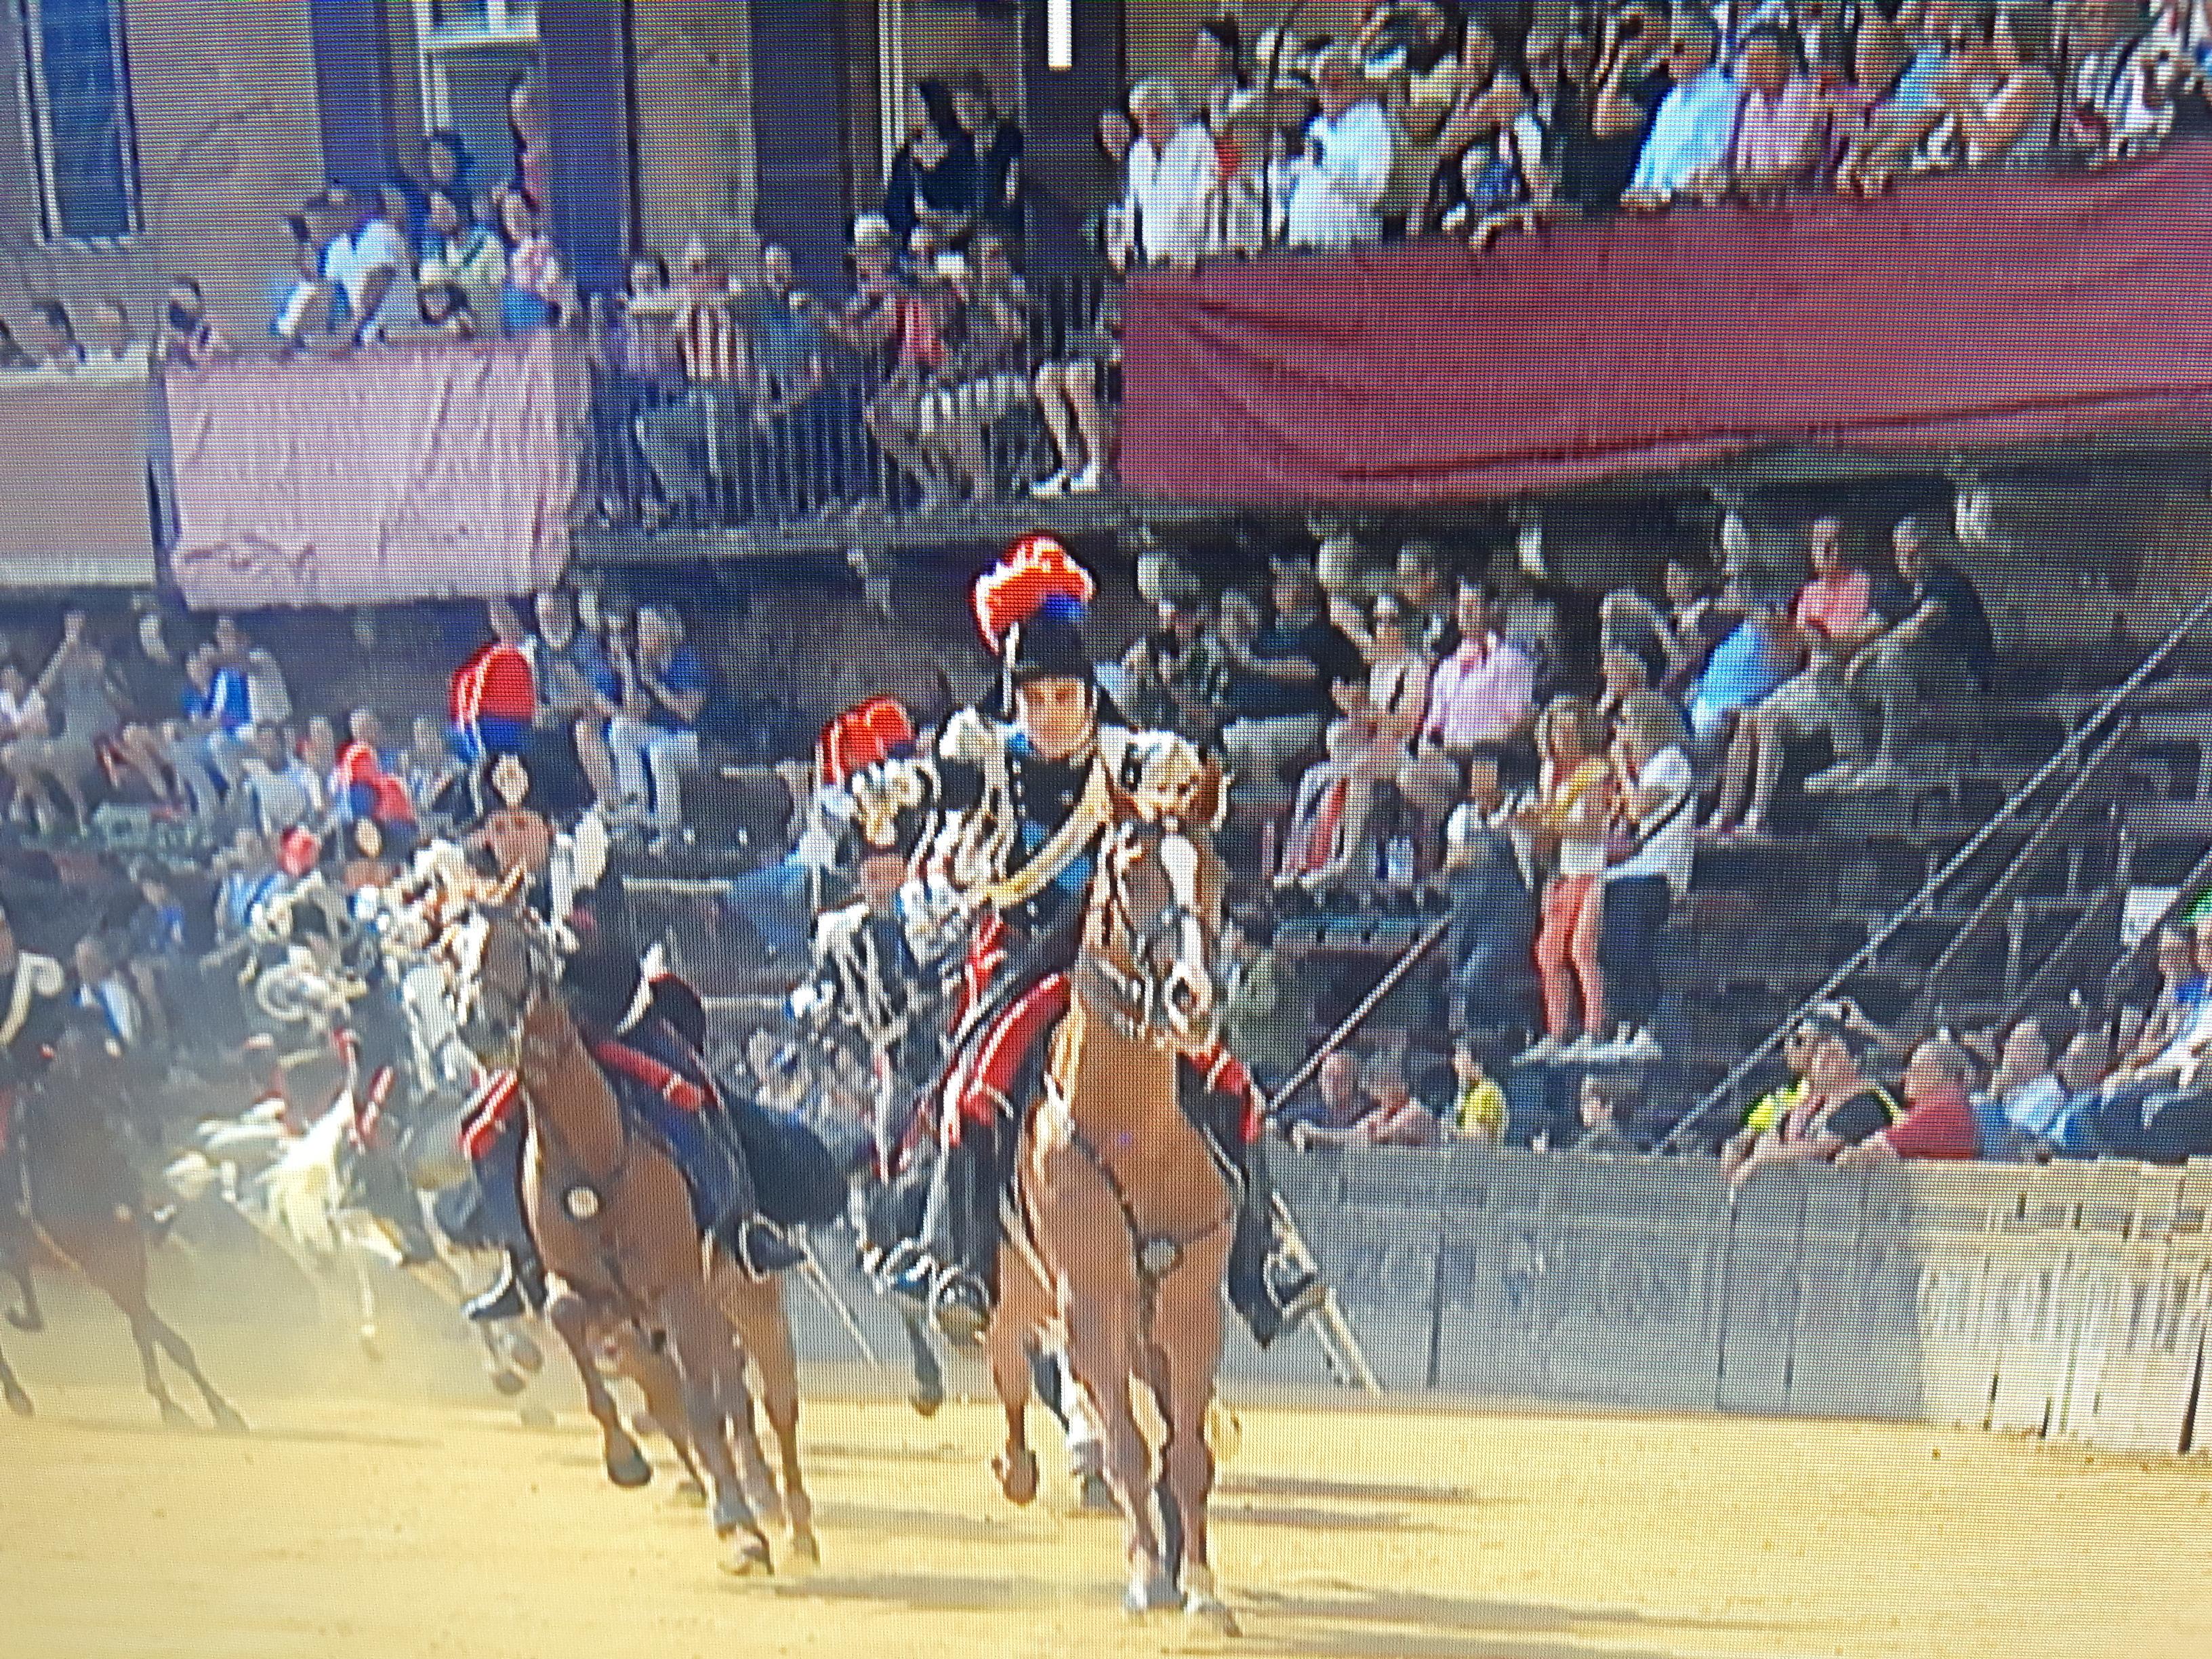 Fratture multiple per il Carabiniere a cavallo caduto durante la carica